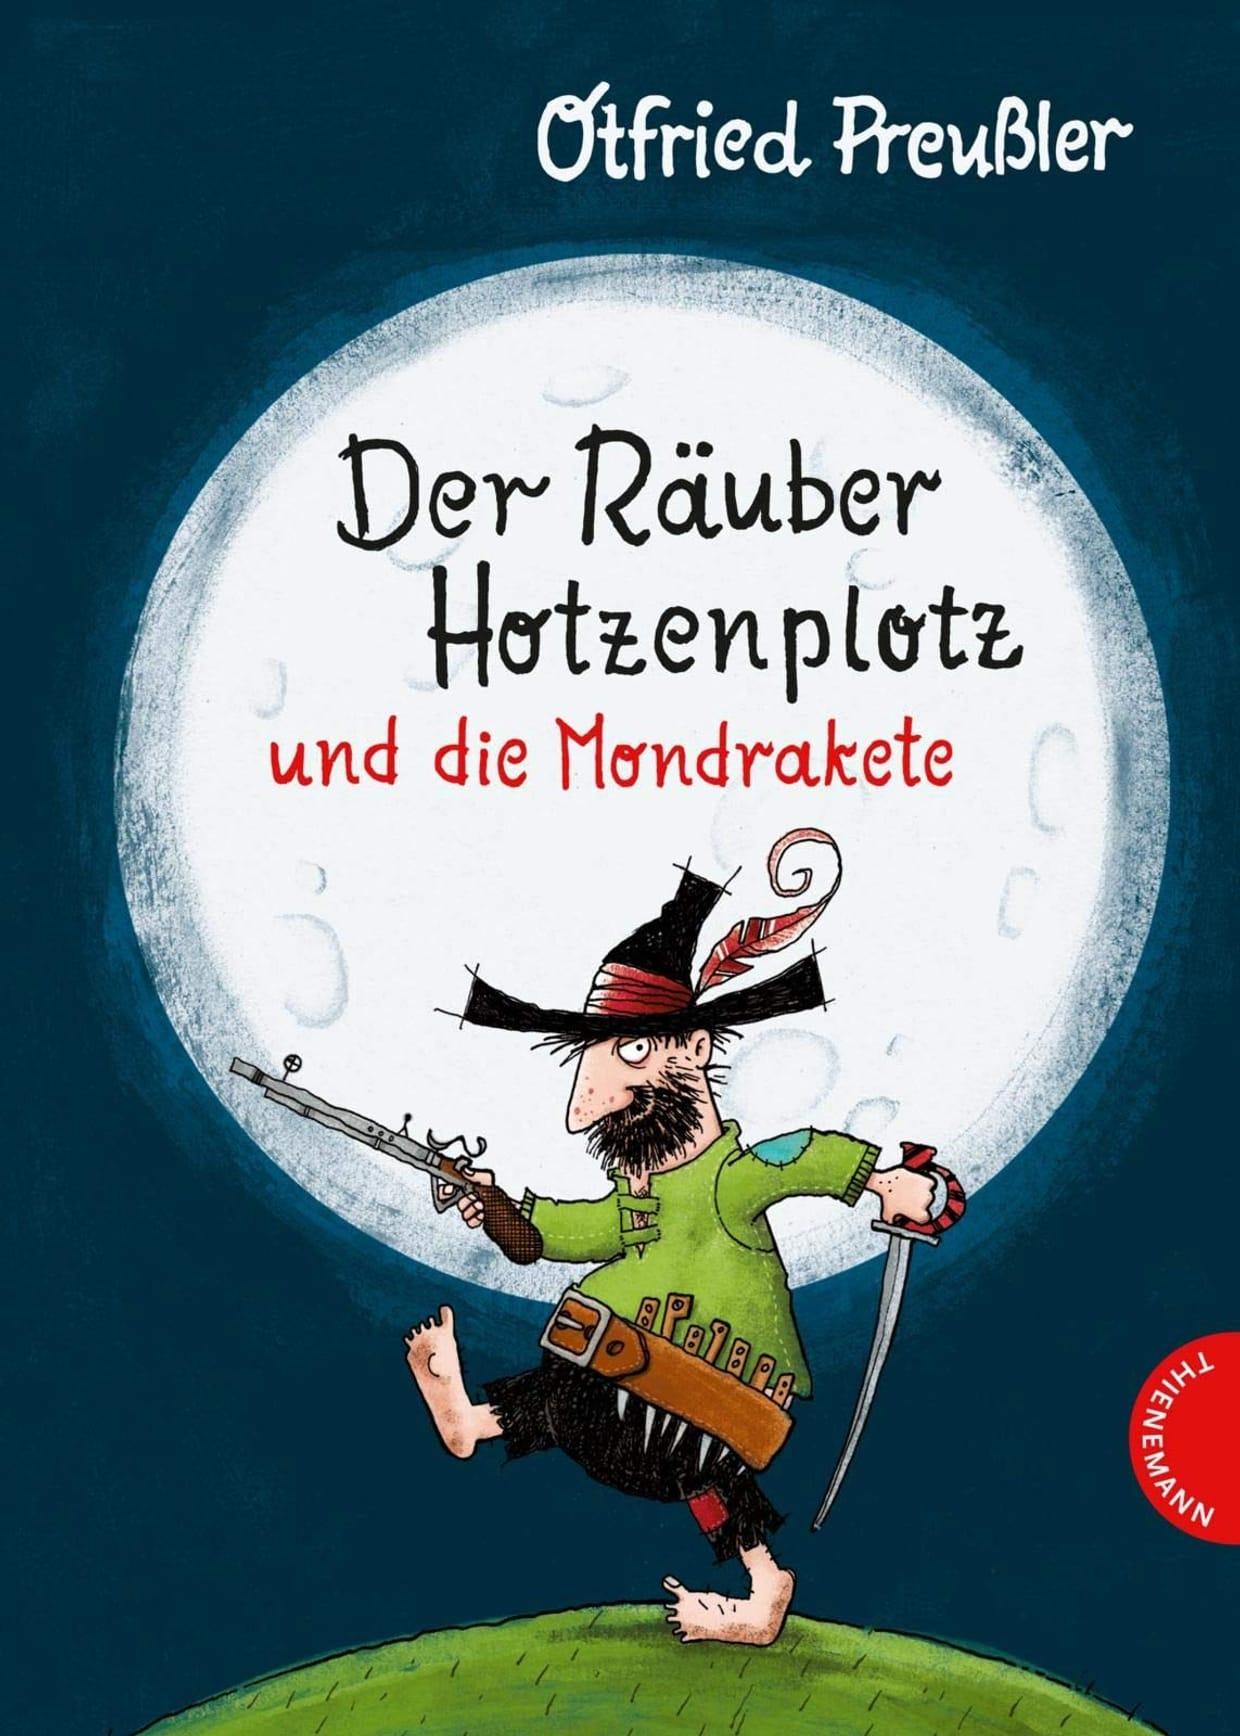 Der Räuber Hotzenplotz und die Mondrakete (Otfried Preußler) | Burghofbühne Dinslaken